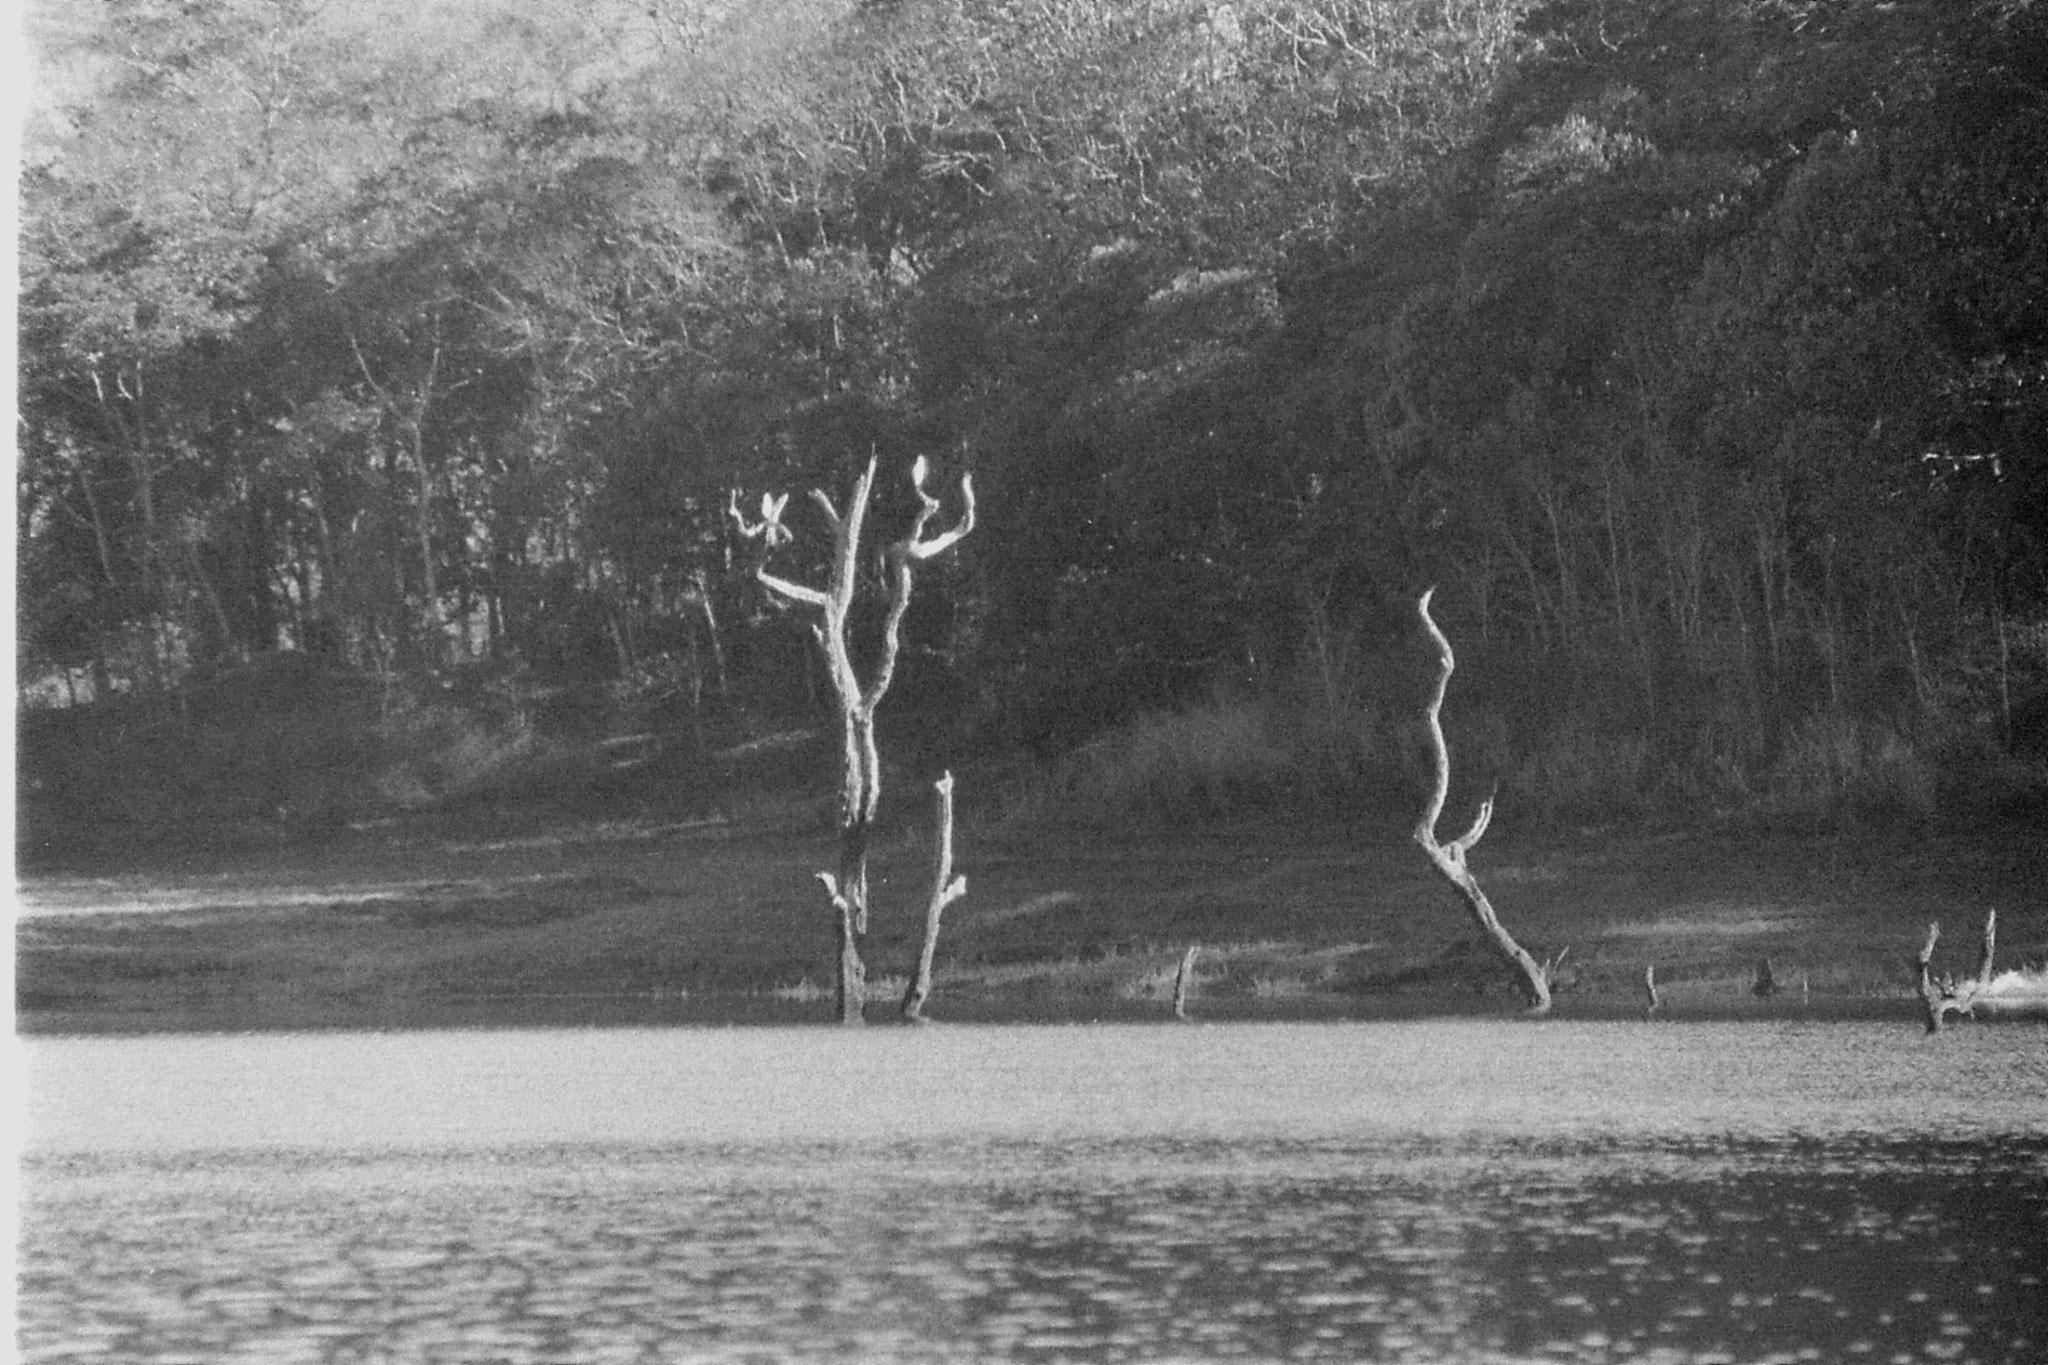 097/29: 23/2/1990 Periyar egrets